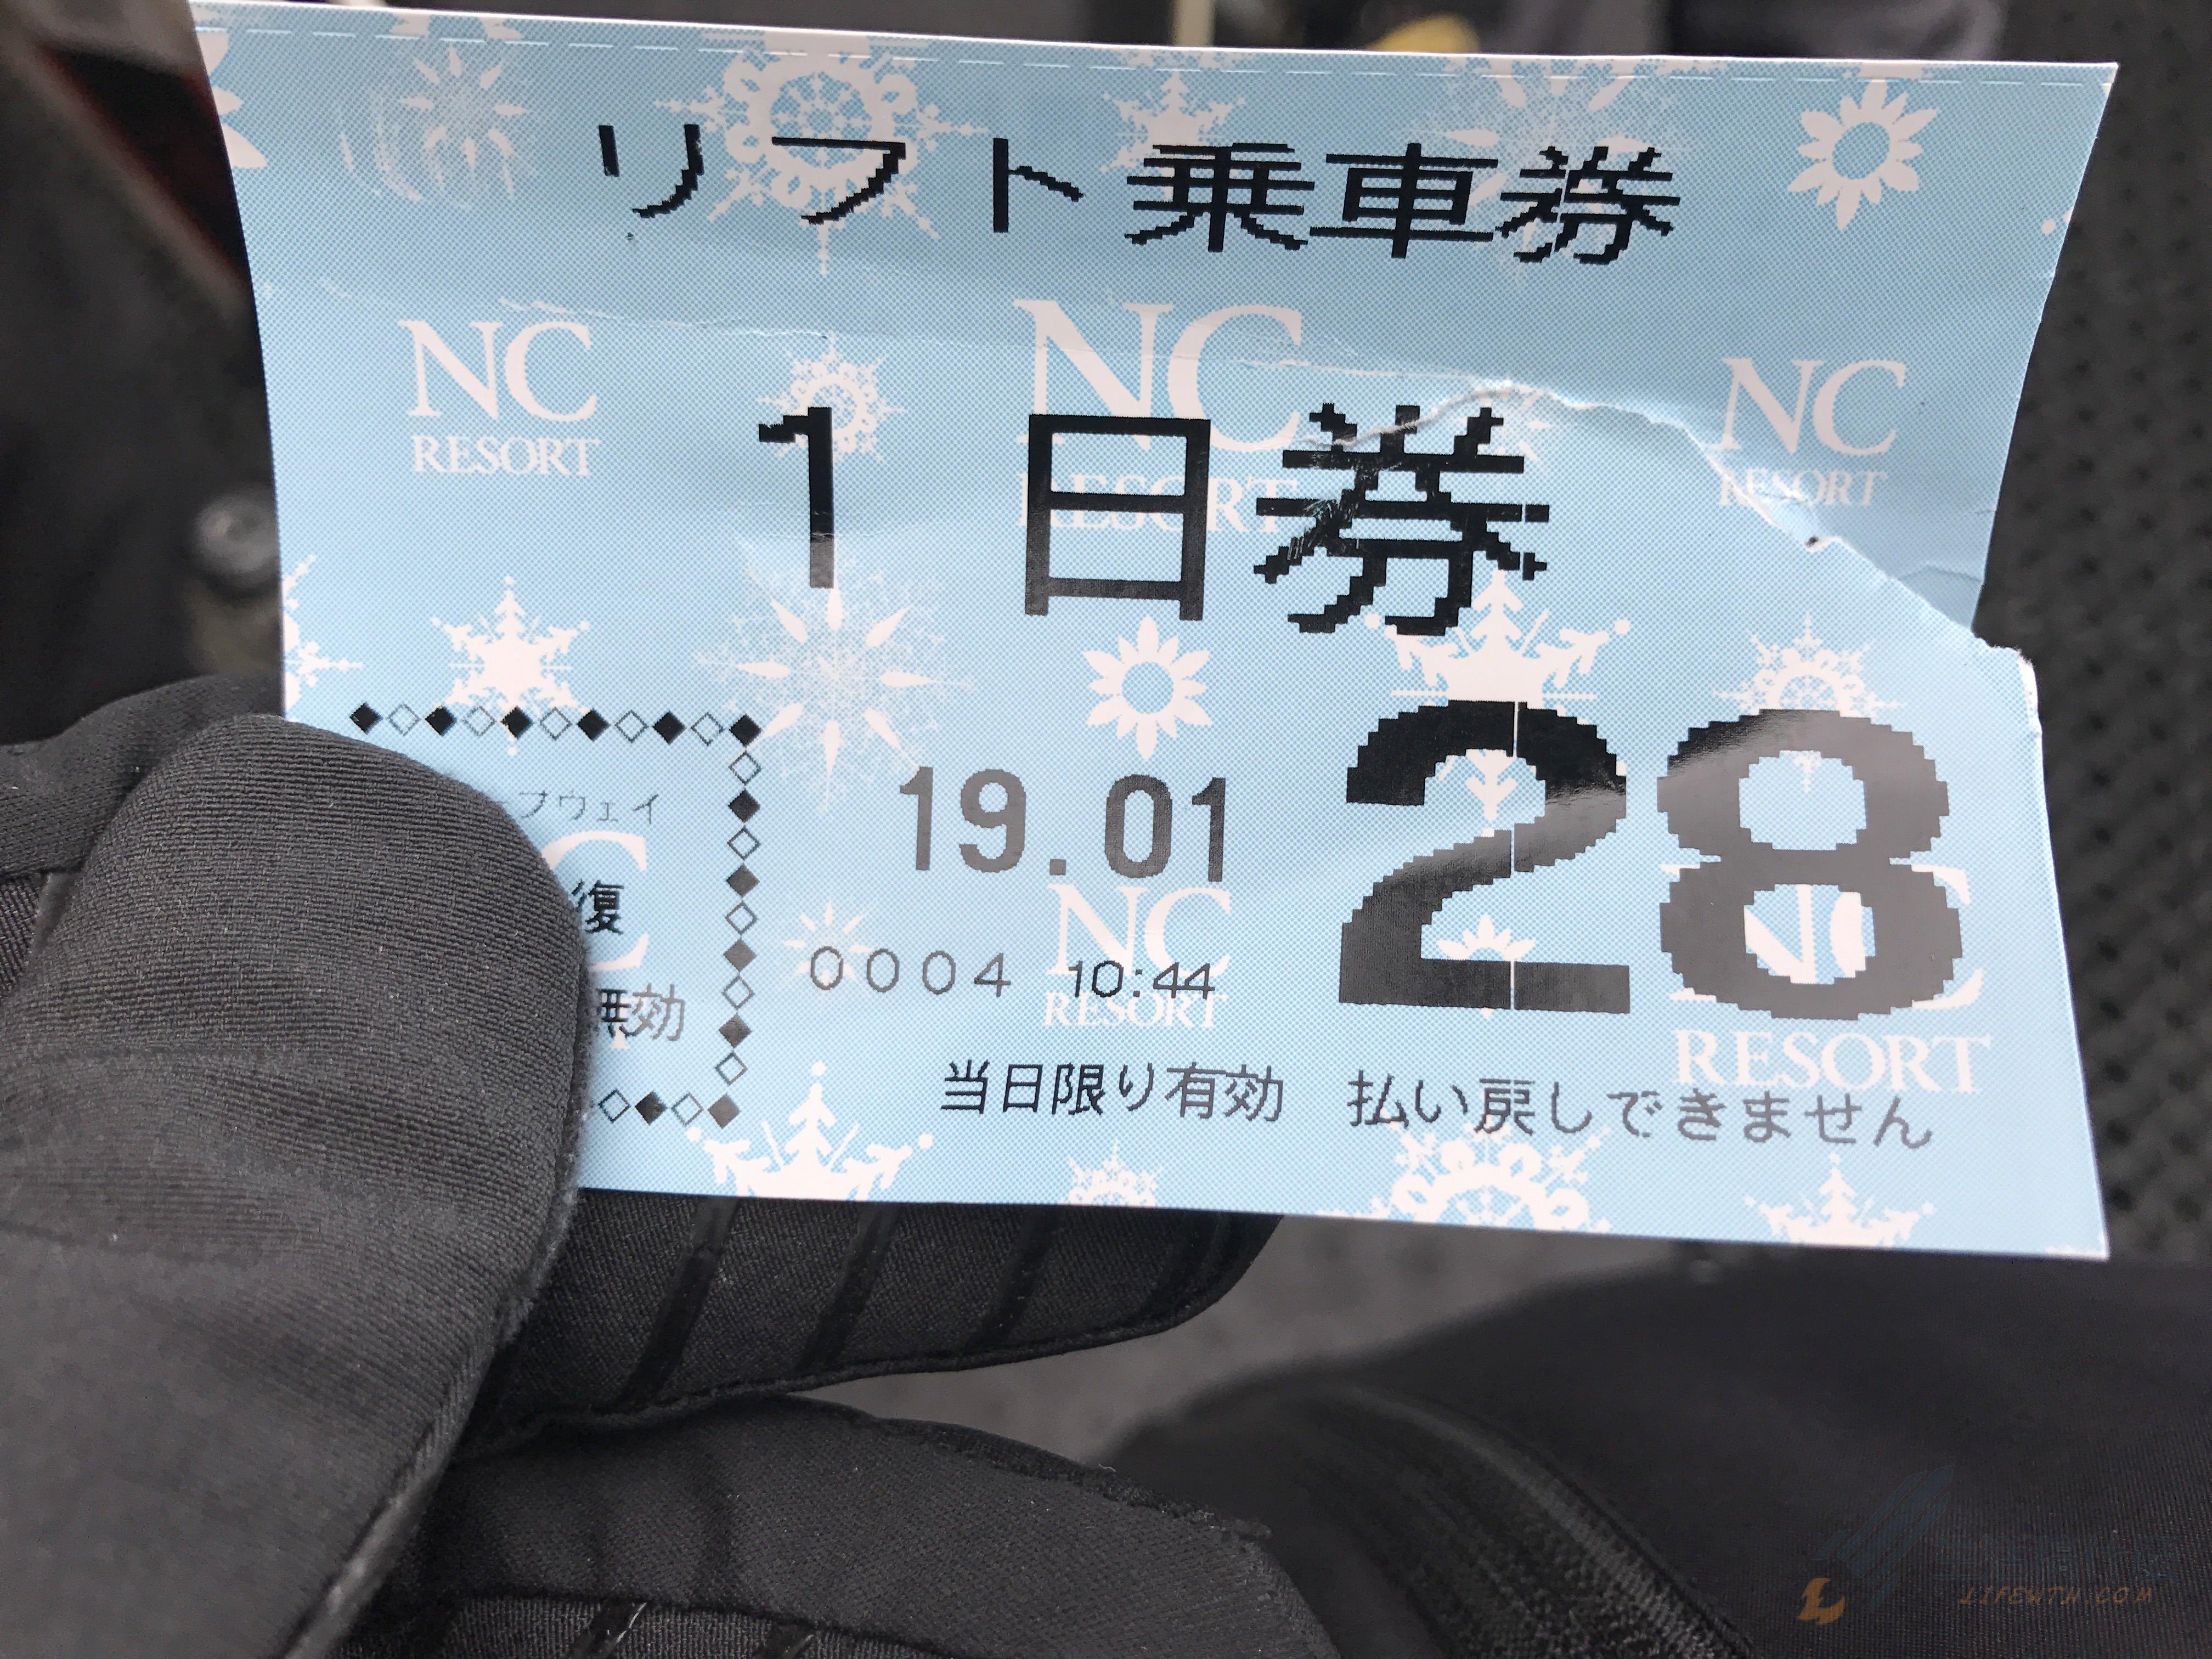 日本滑雪旅遊》琵琶湖valley滑雪場與空中纜車一日遊